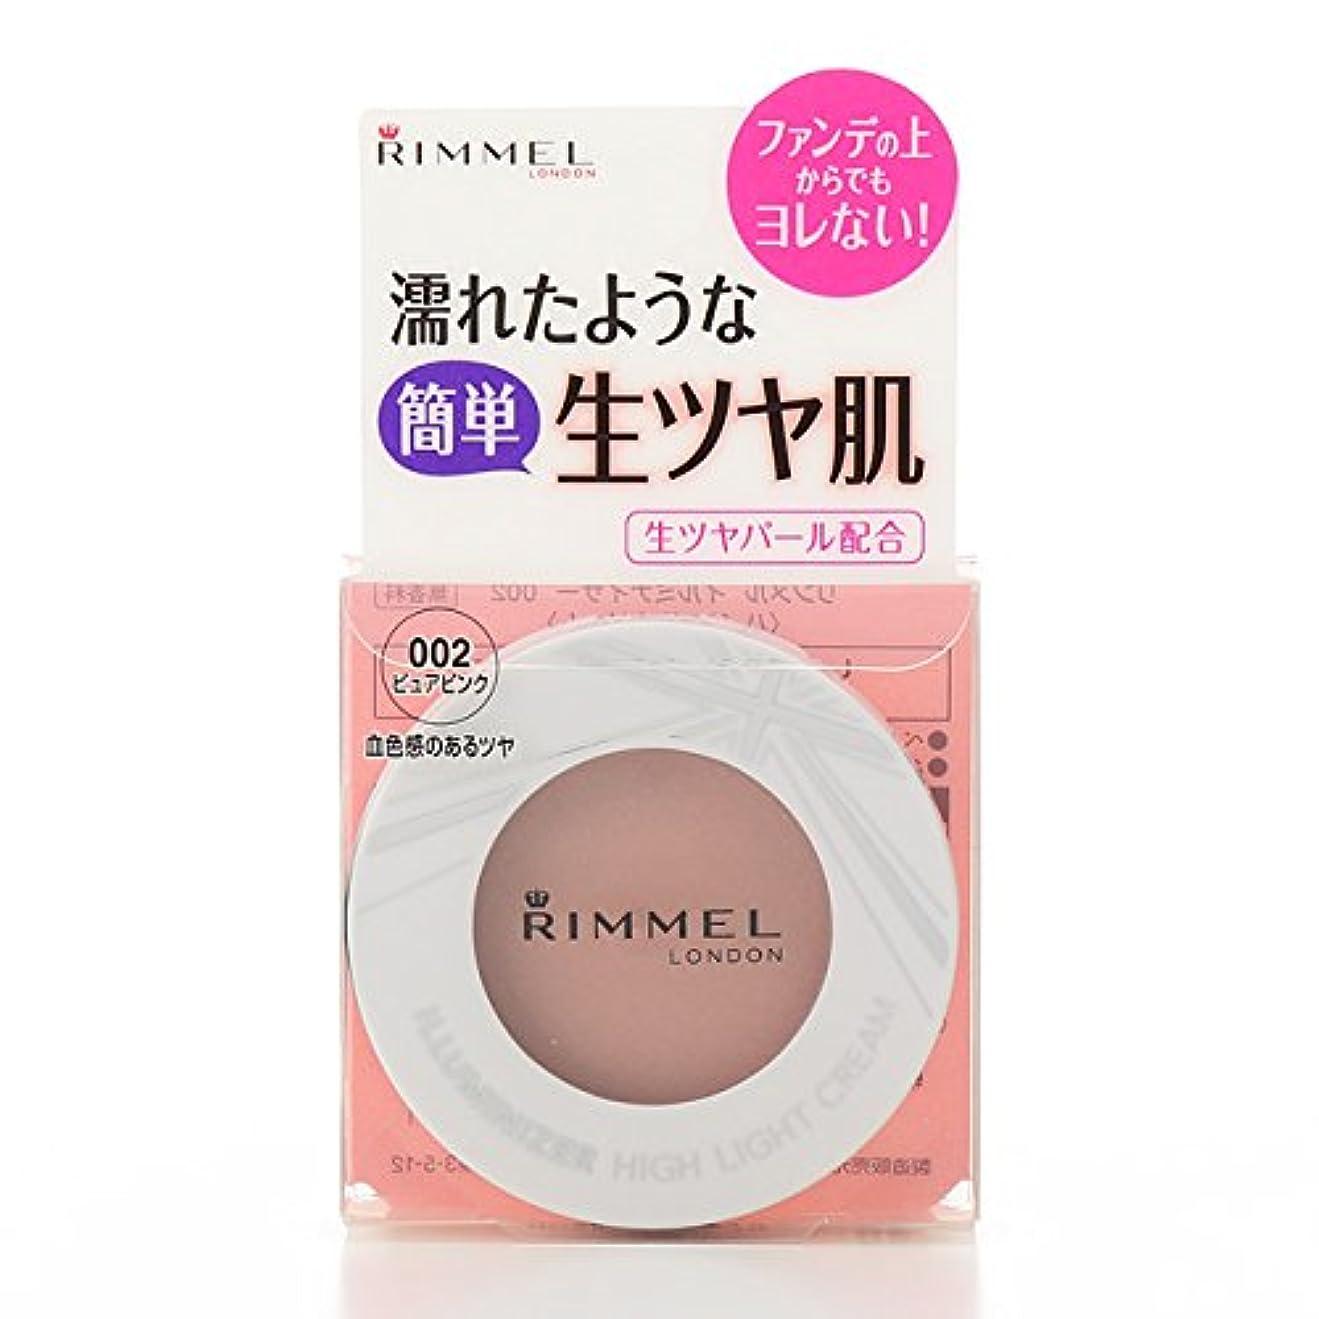 こっそり好み光沢リンメル イルミナイザー 002 ピュアピンク 3g